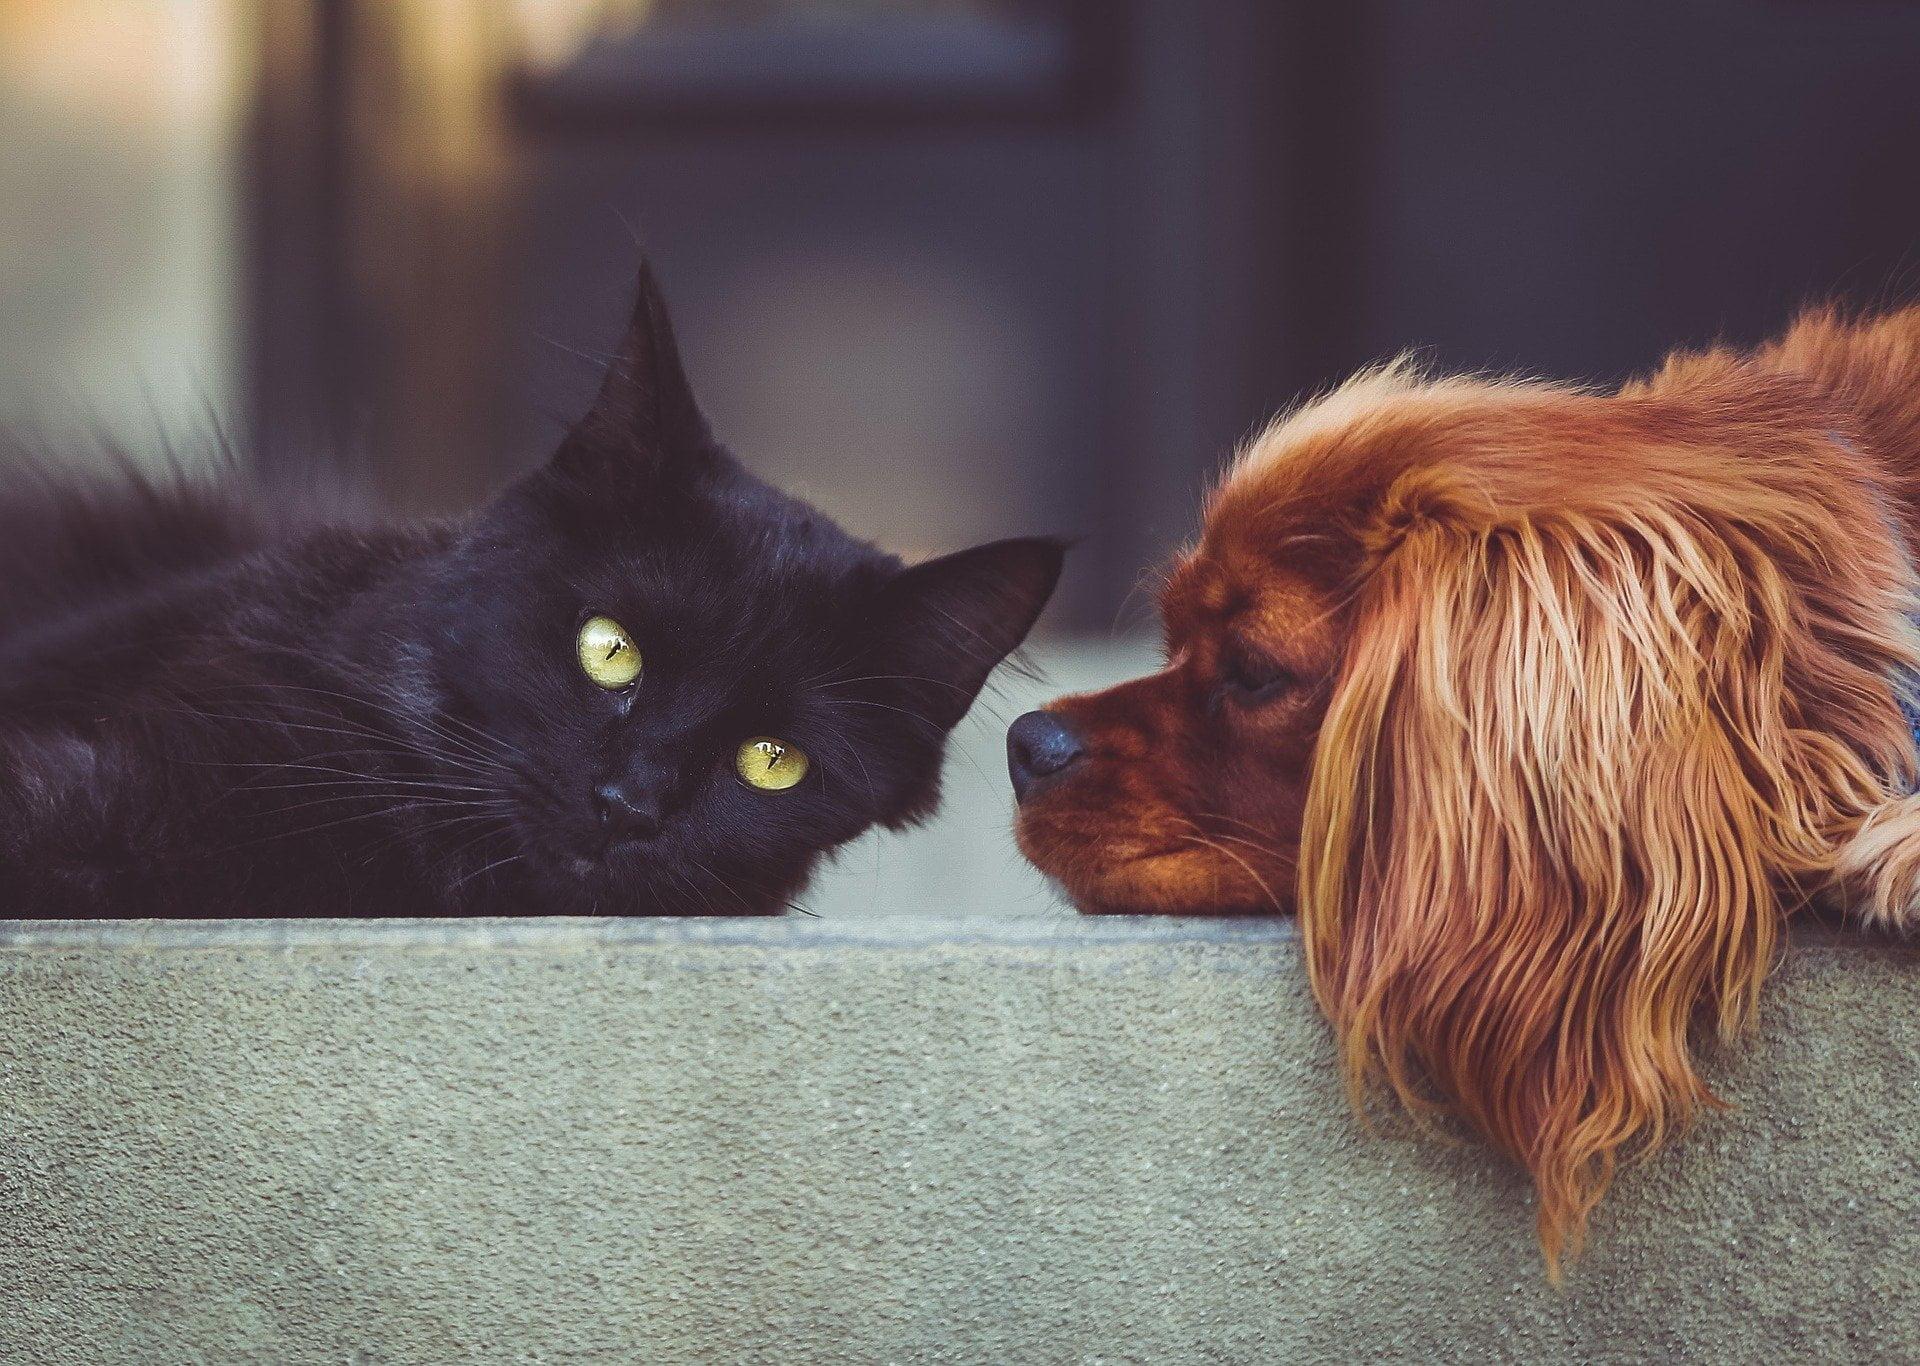 trabajo energético de perros y gatos en nuestras vidas